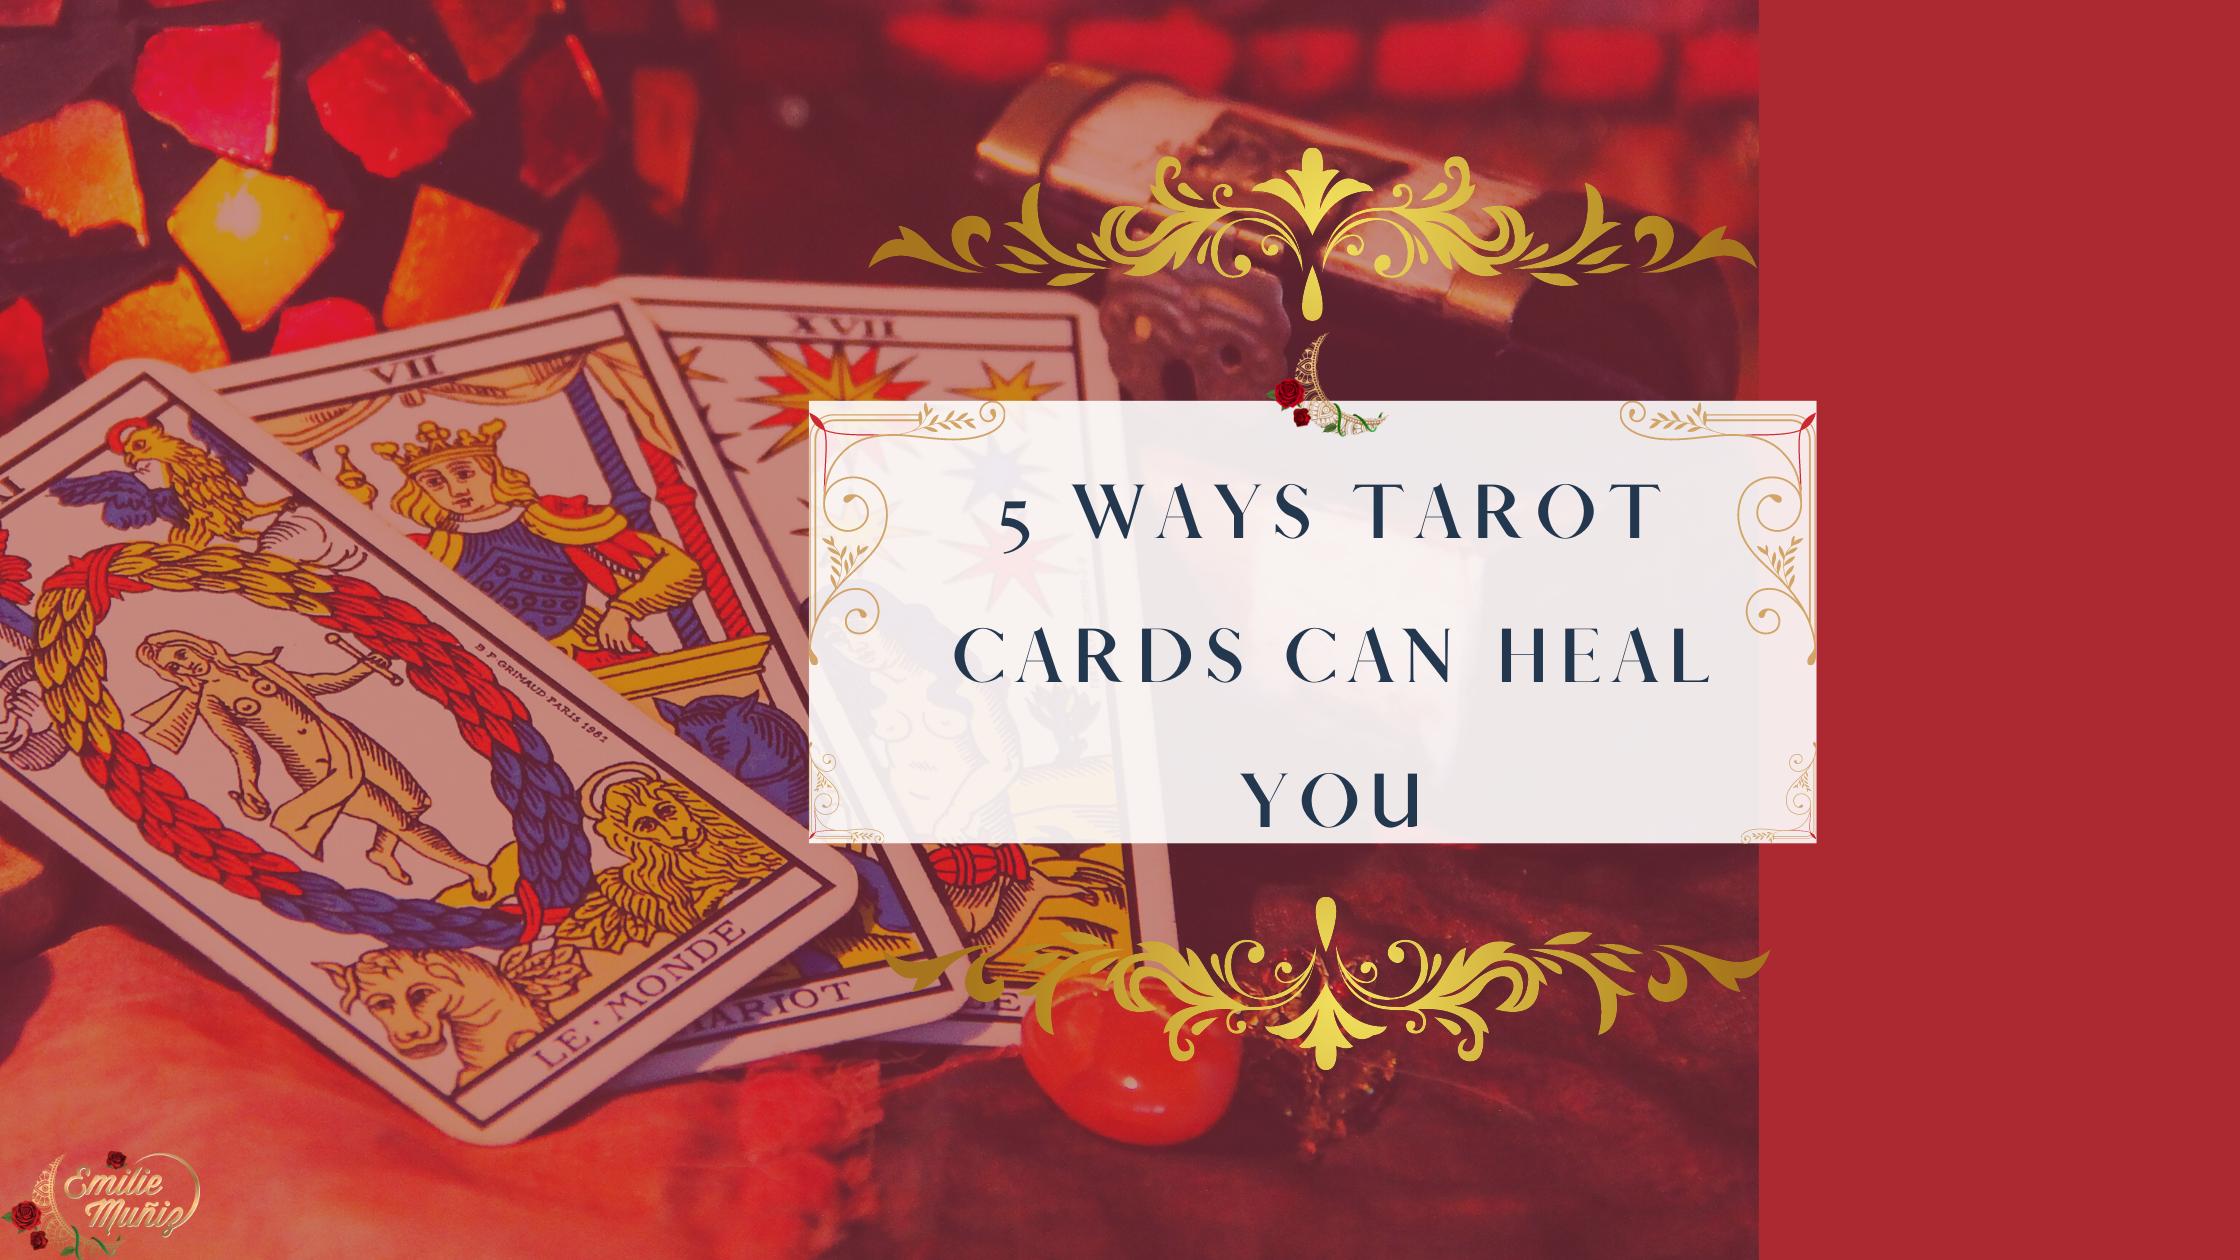 5 Ways Tarot Cards Can Heal You